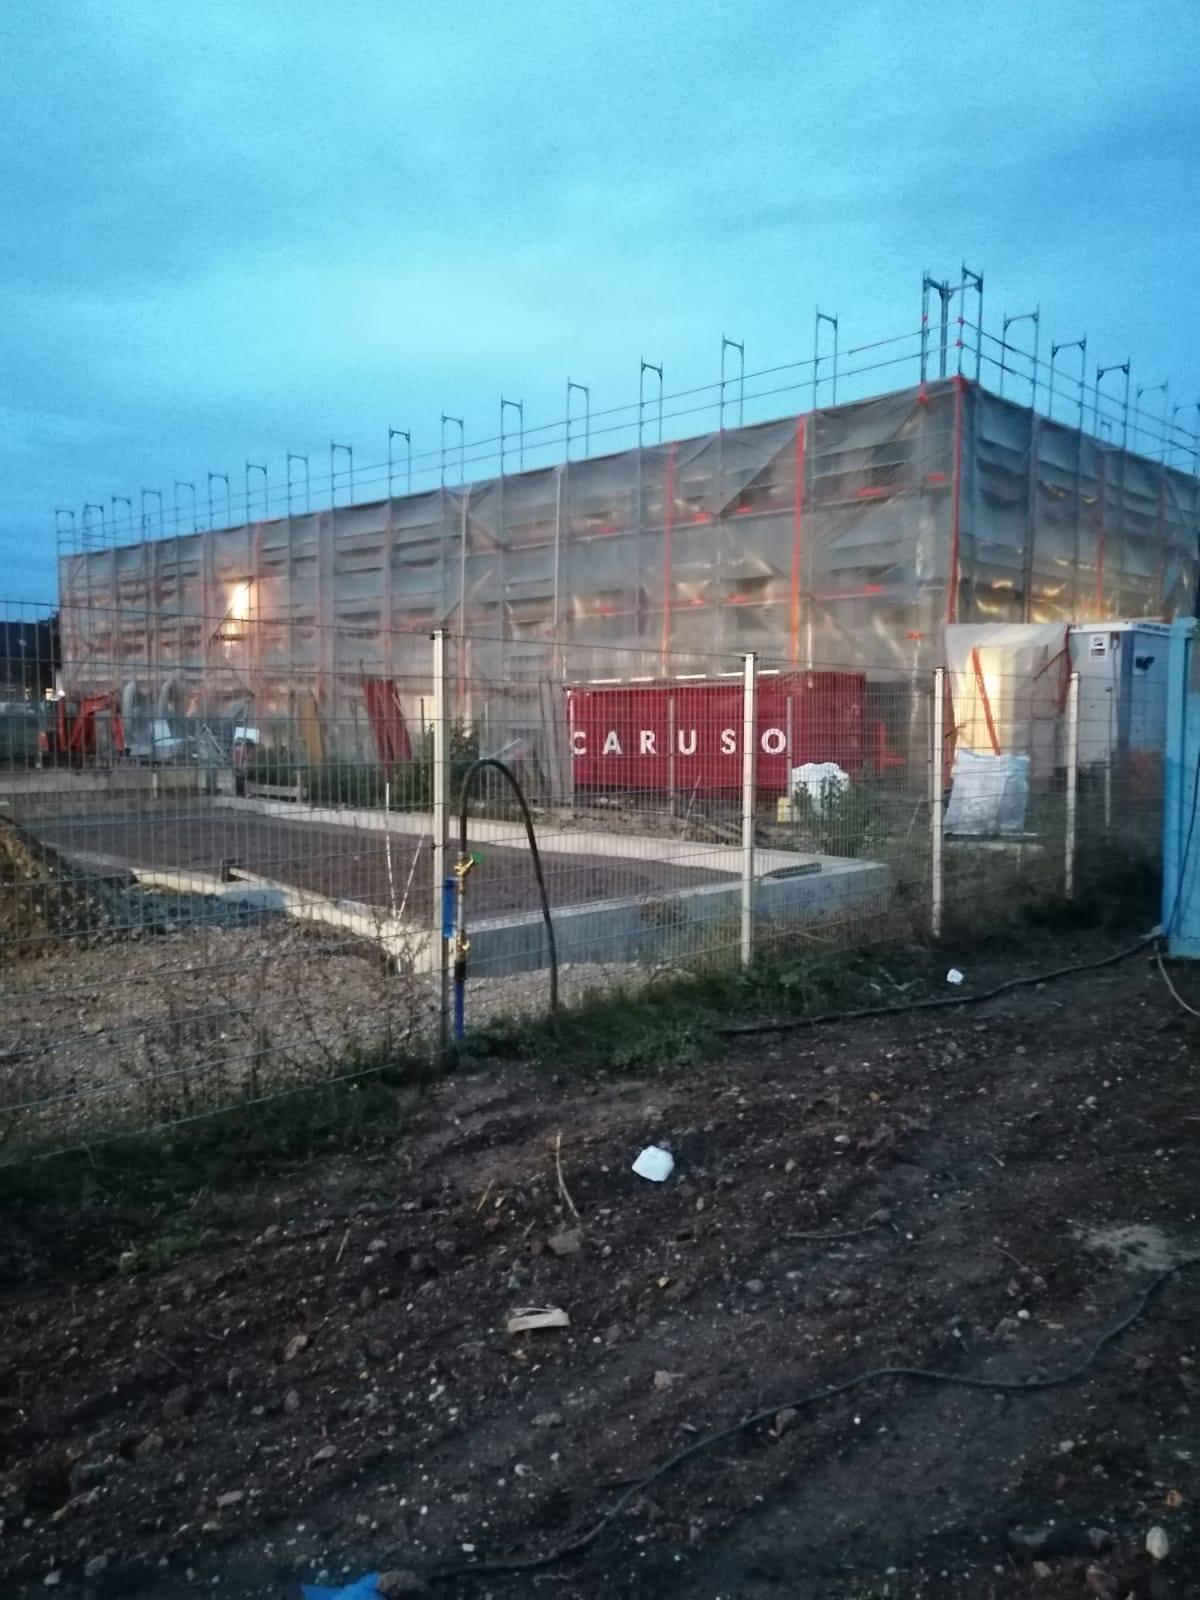 Schadstoffsanierung und Komplettrückbau in Halle (Saale)